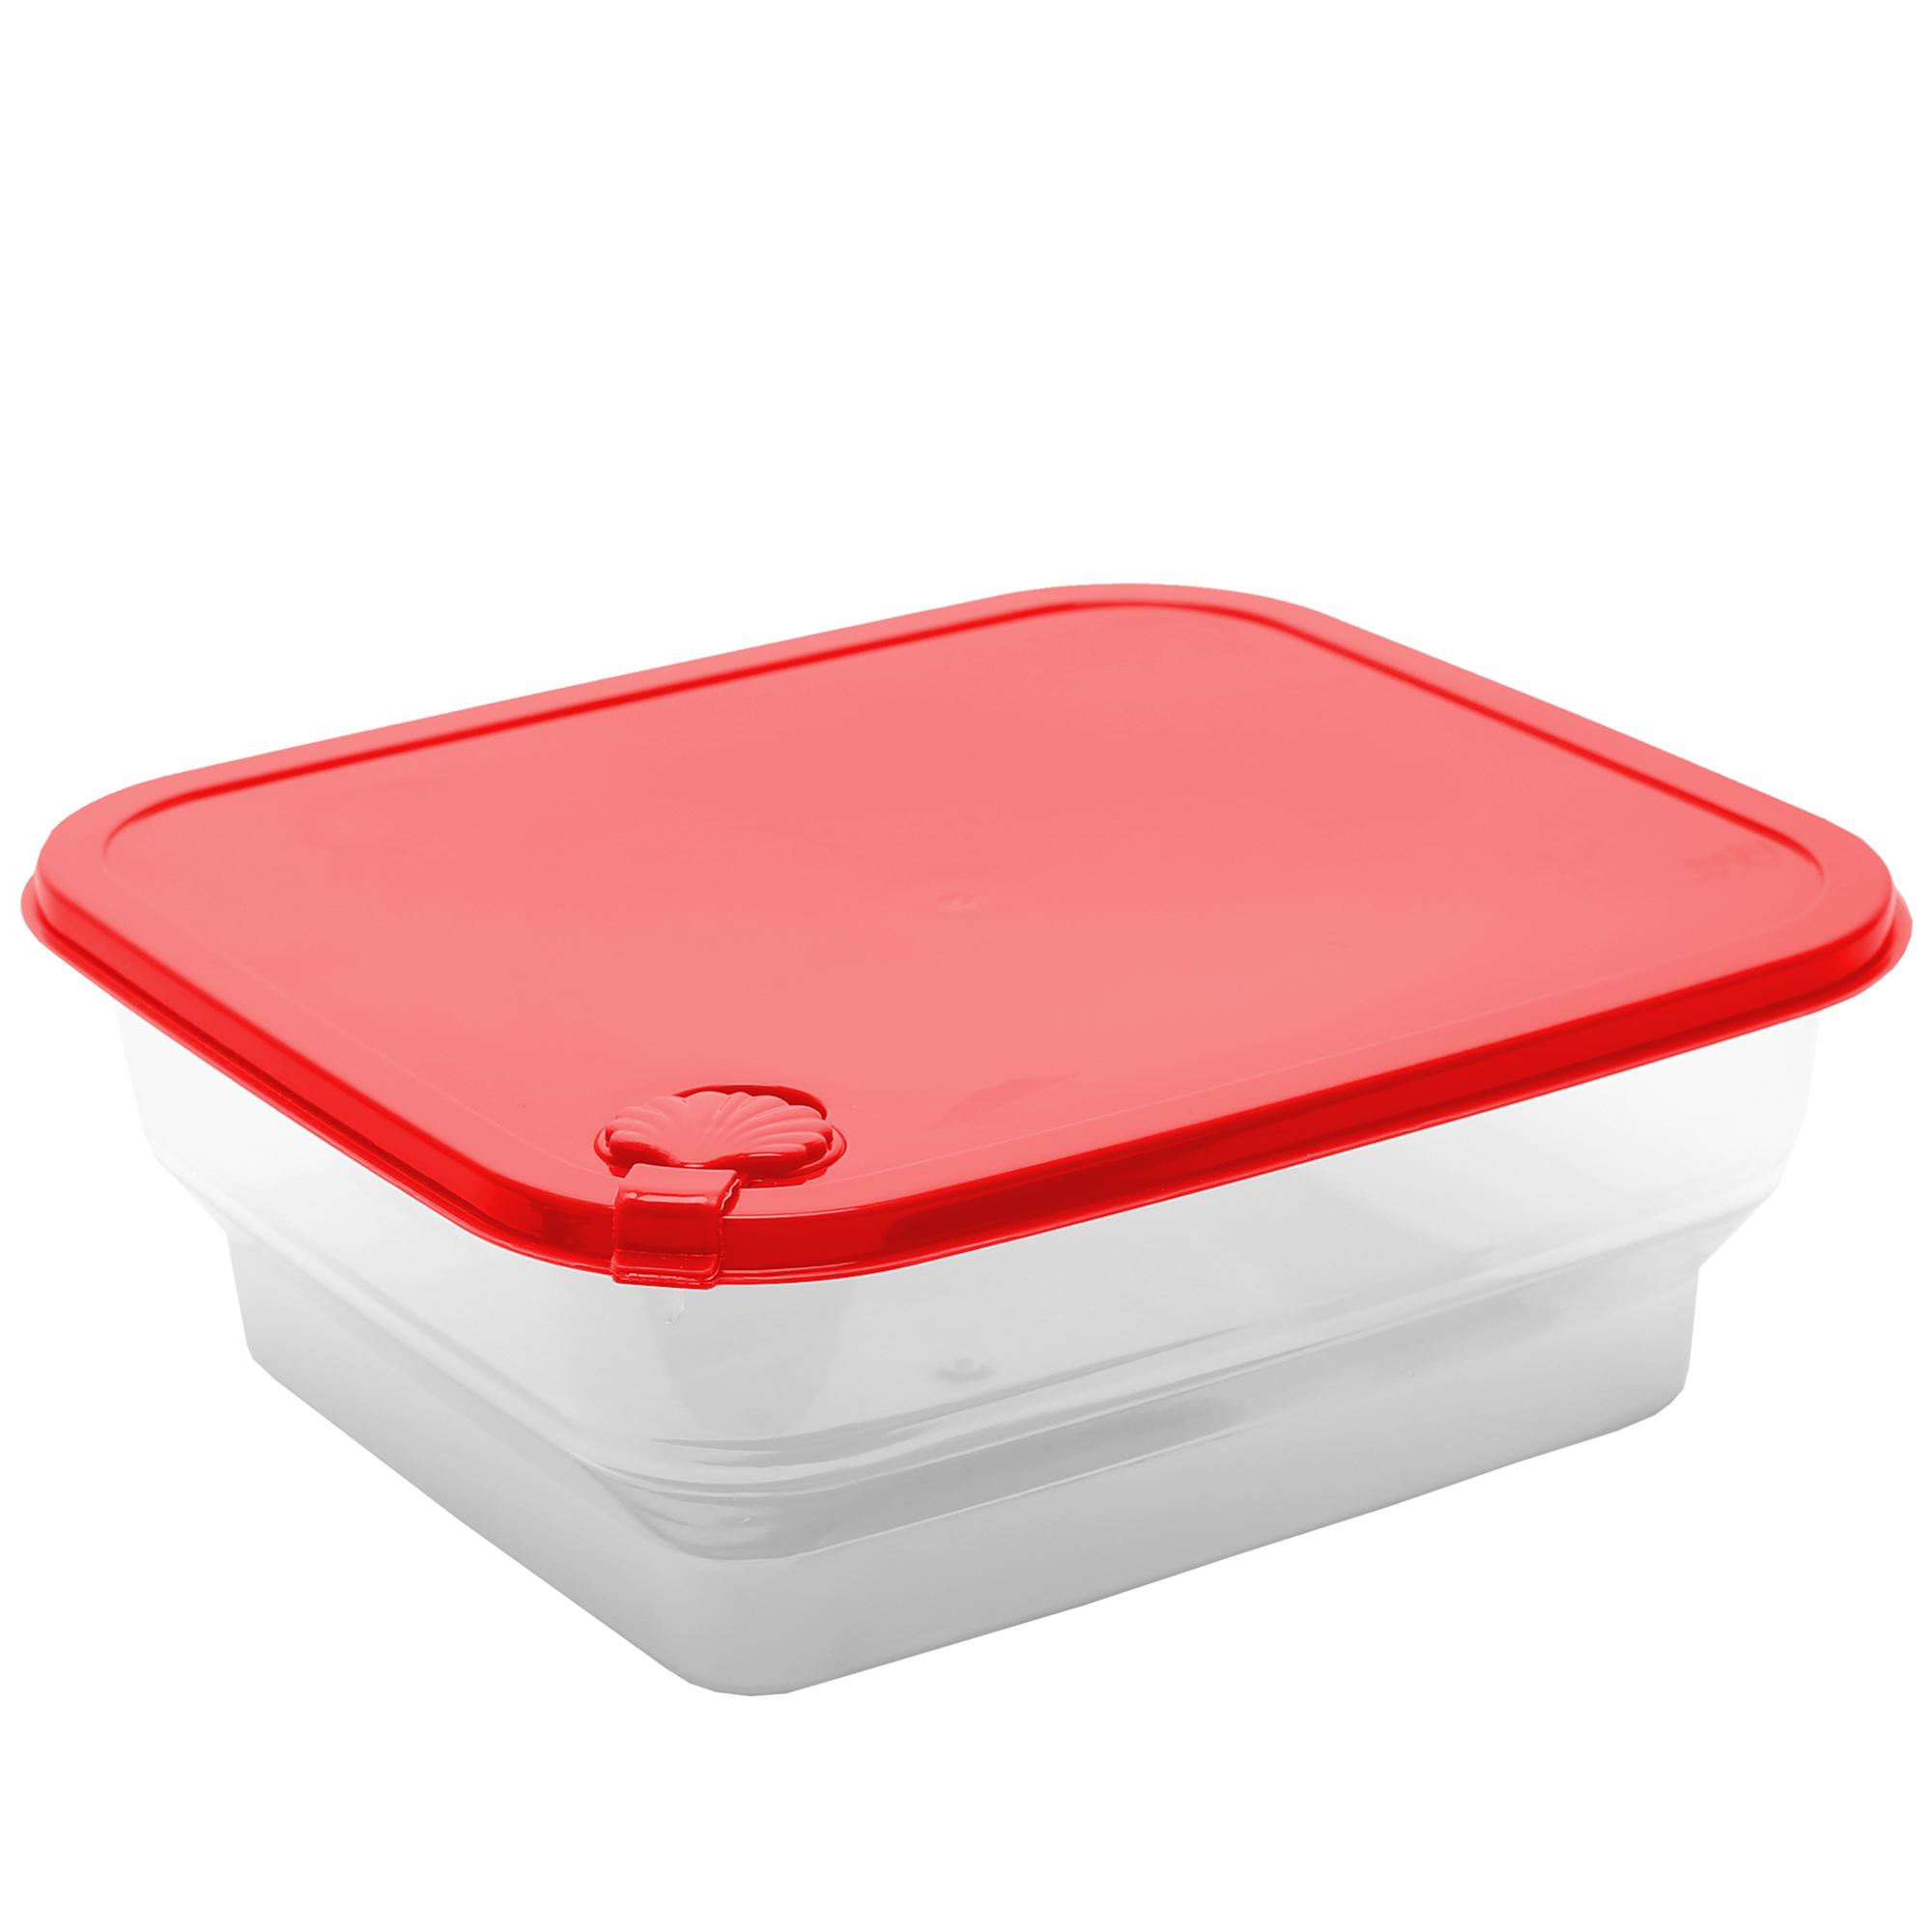 Pote Concha Quadrado 2.4 Lts - Vermelho